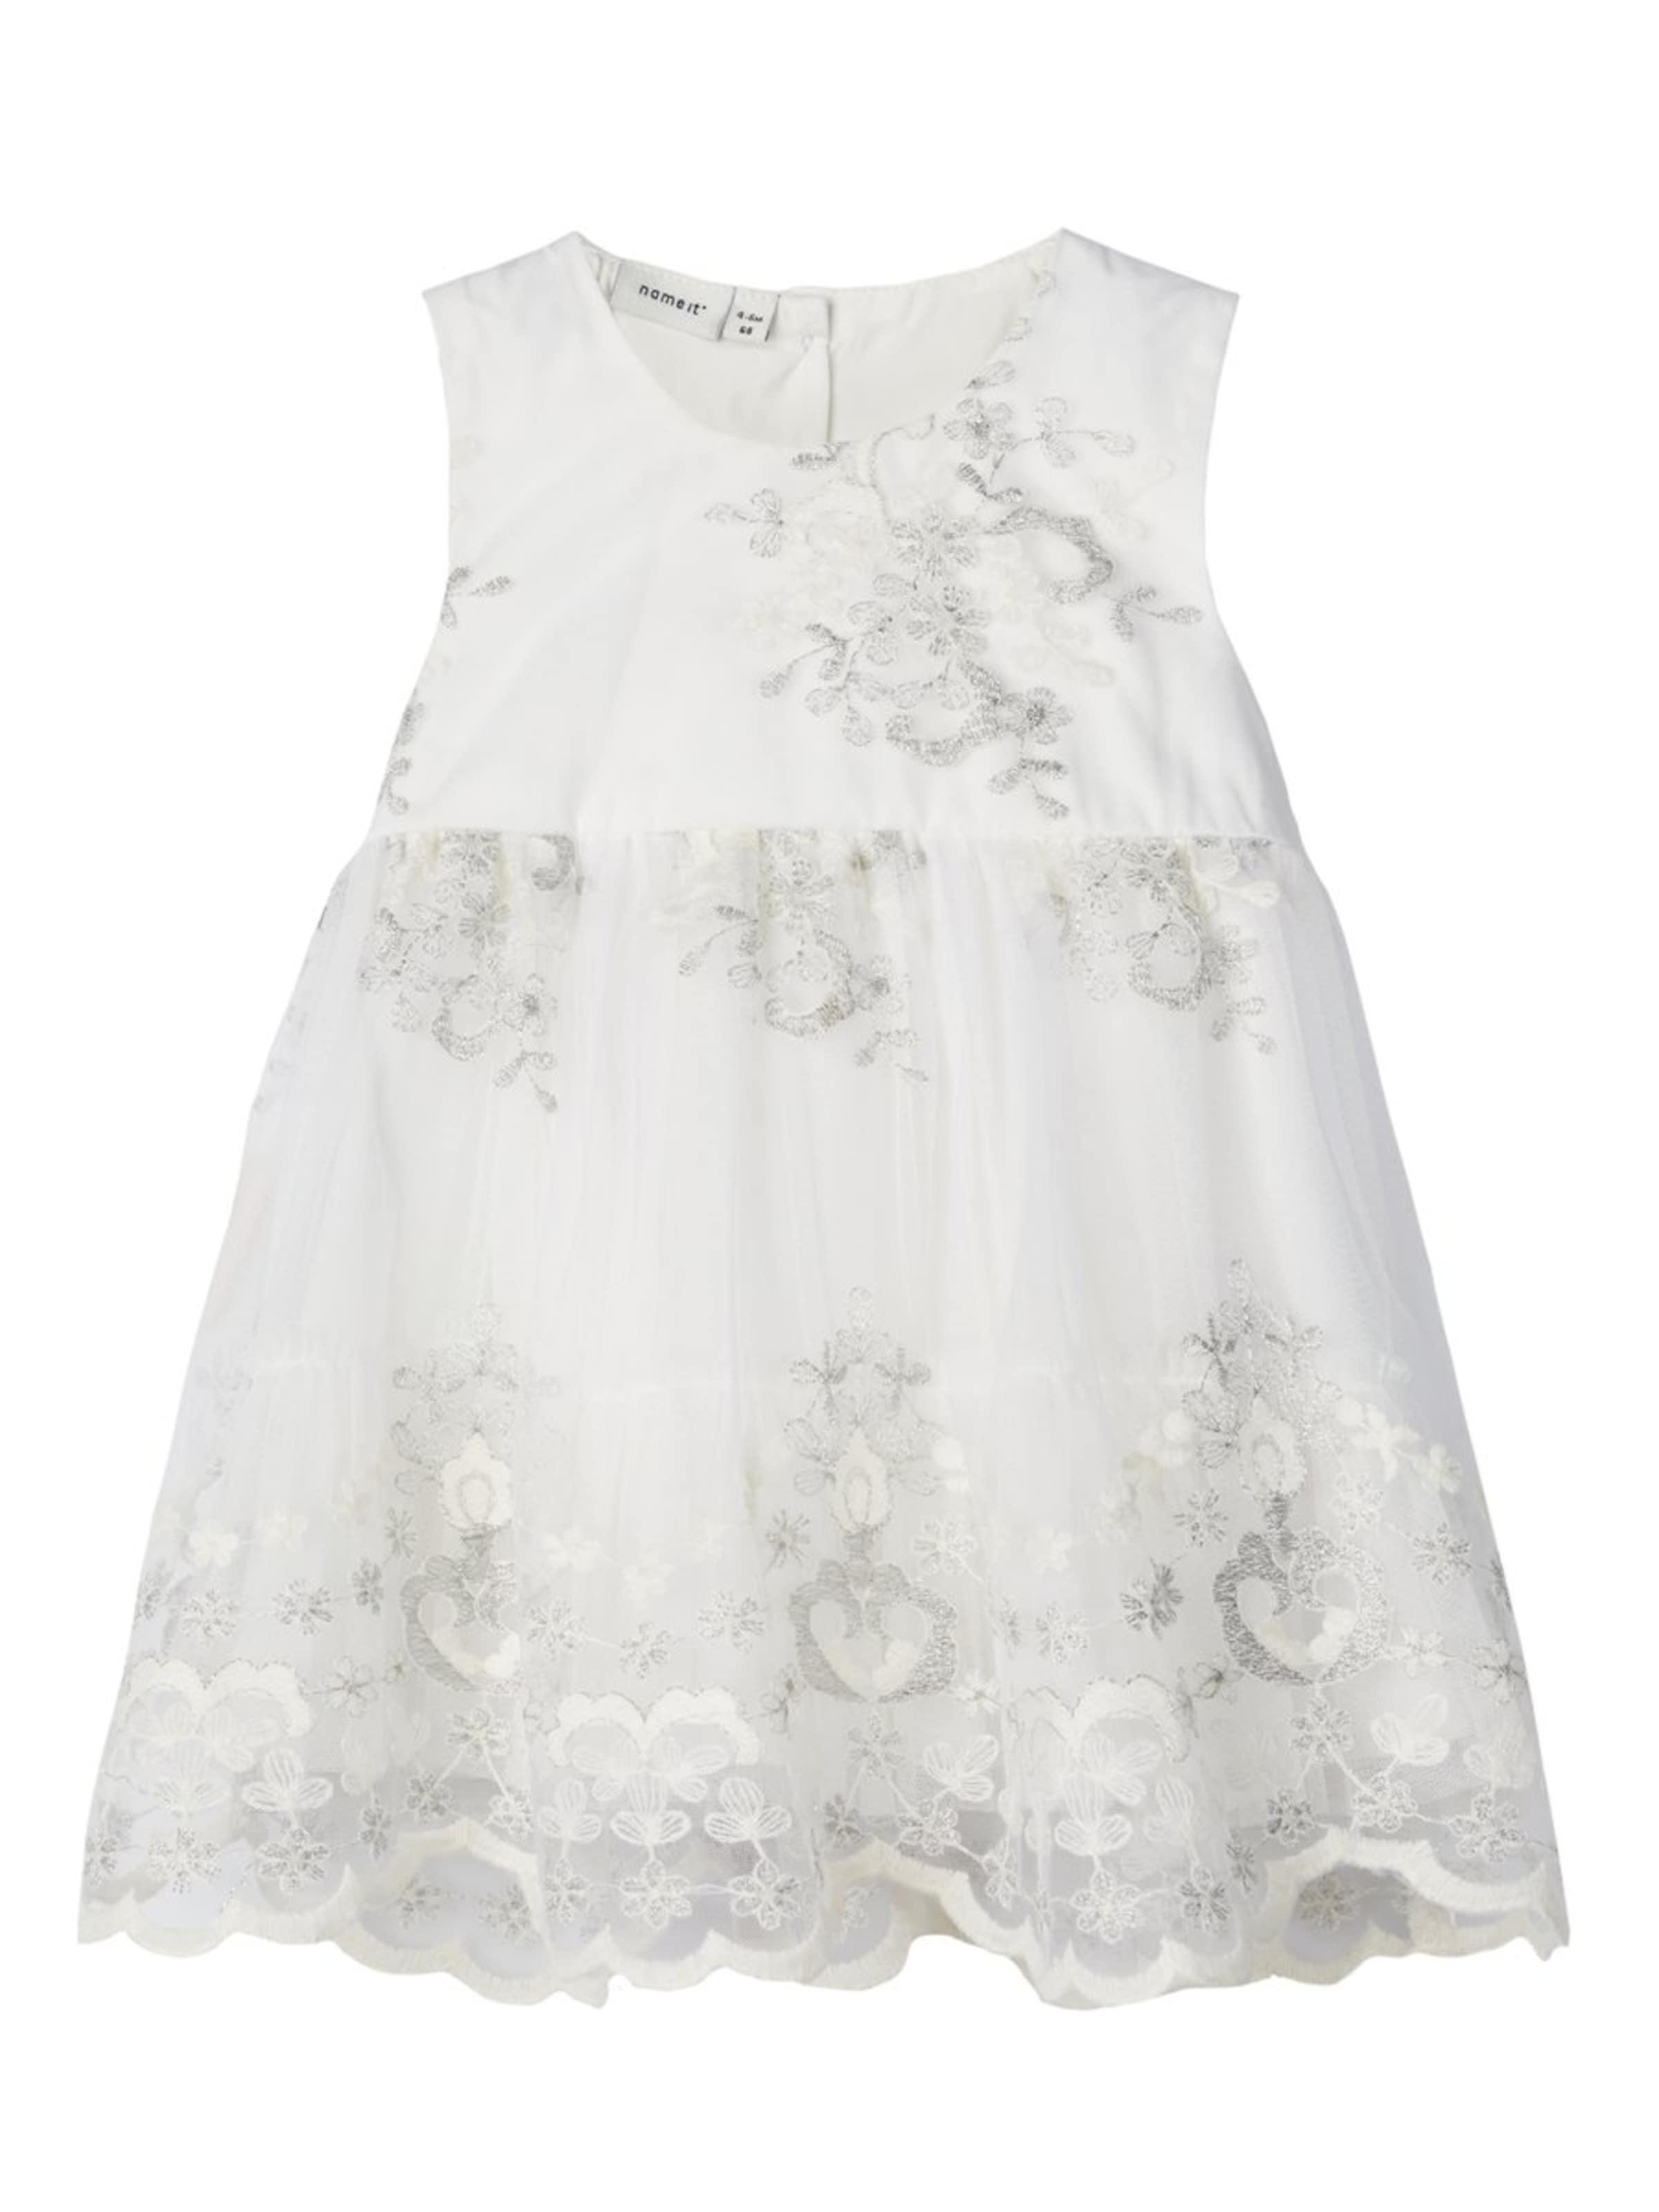 Kinder,  Mädchen,  Kinder NAME IT Kleid grau,  schwarz, weiß | 05713777390698